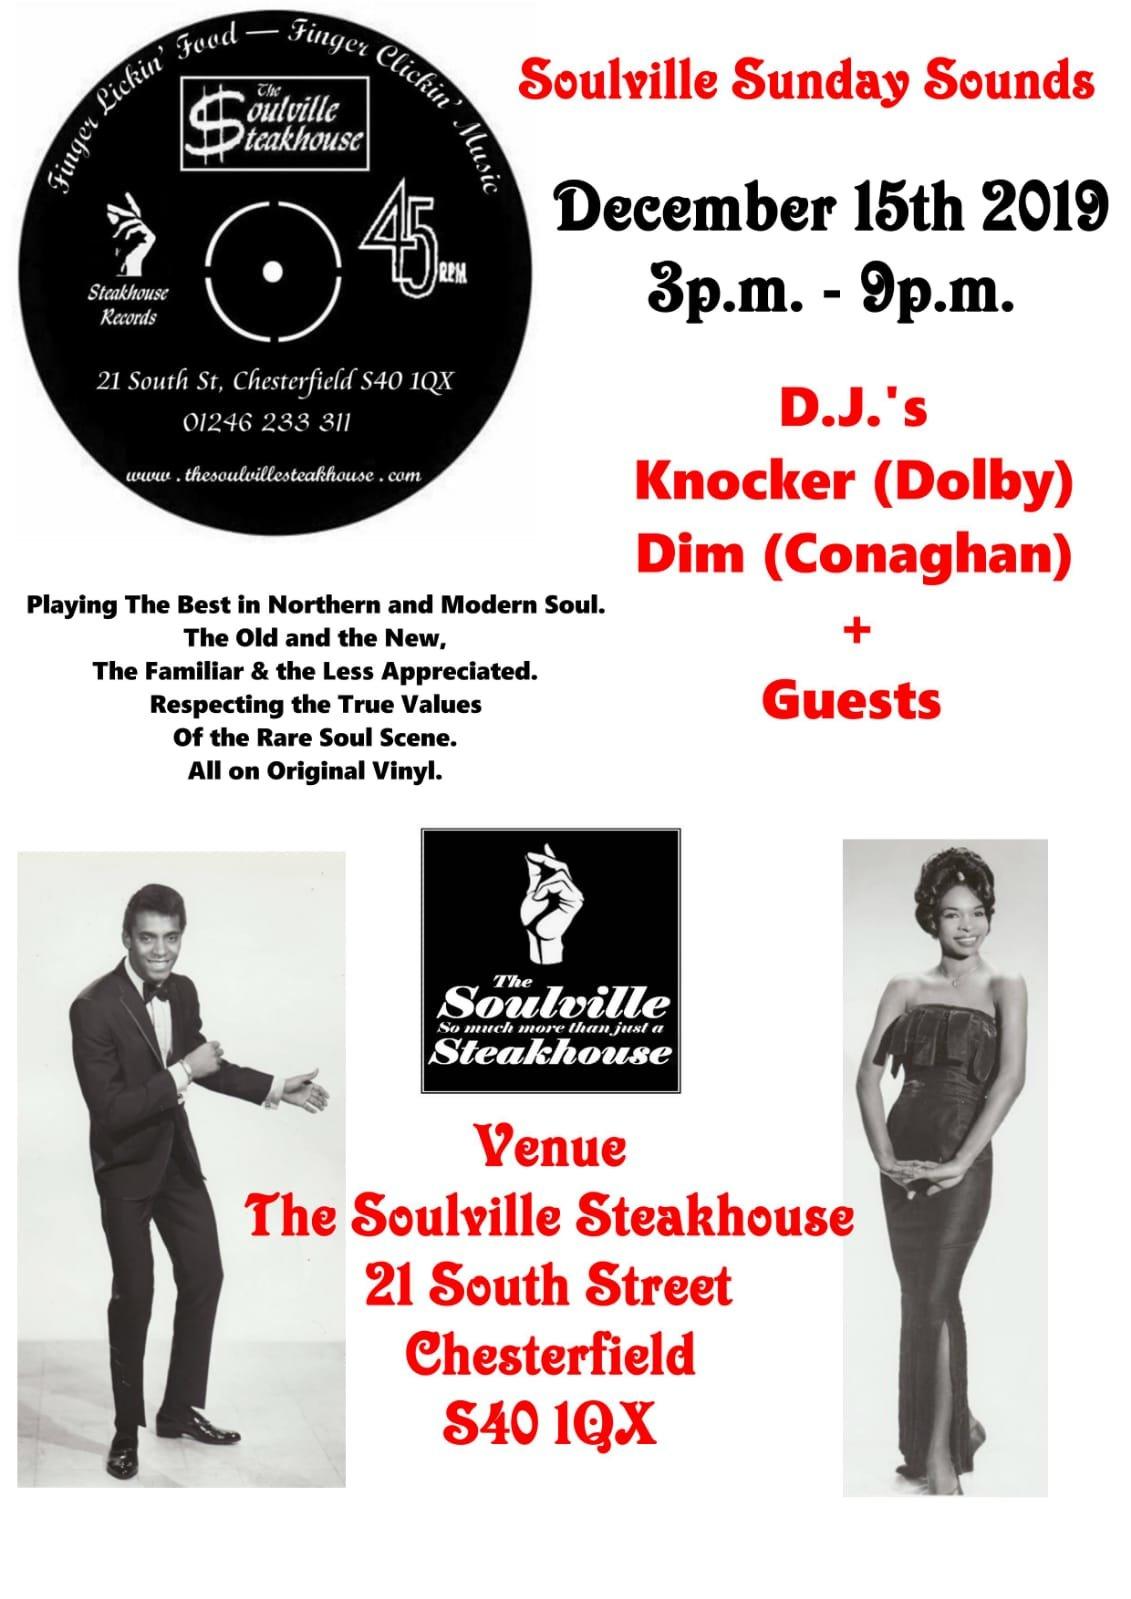 Soulville Sunday Sounds flyer